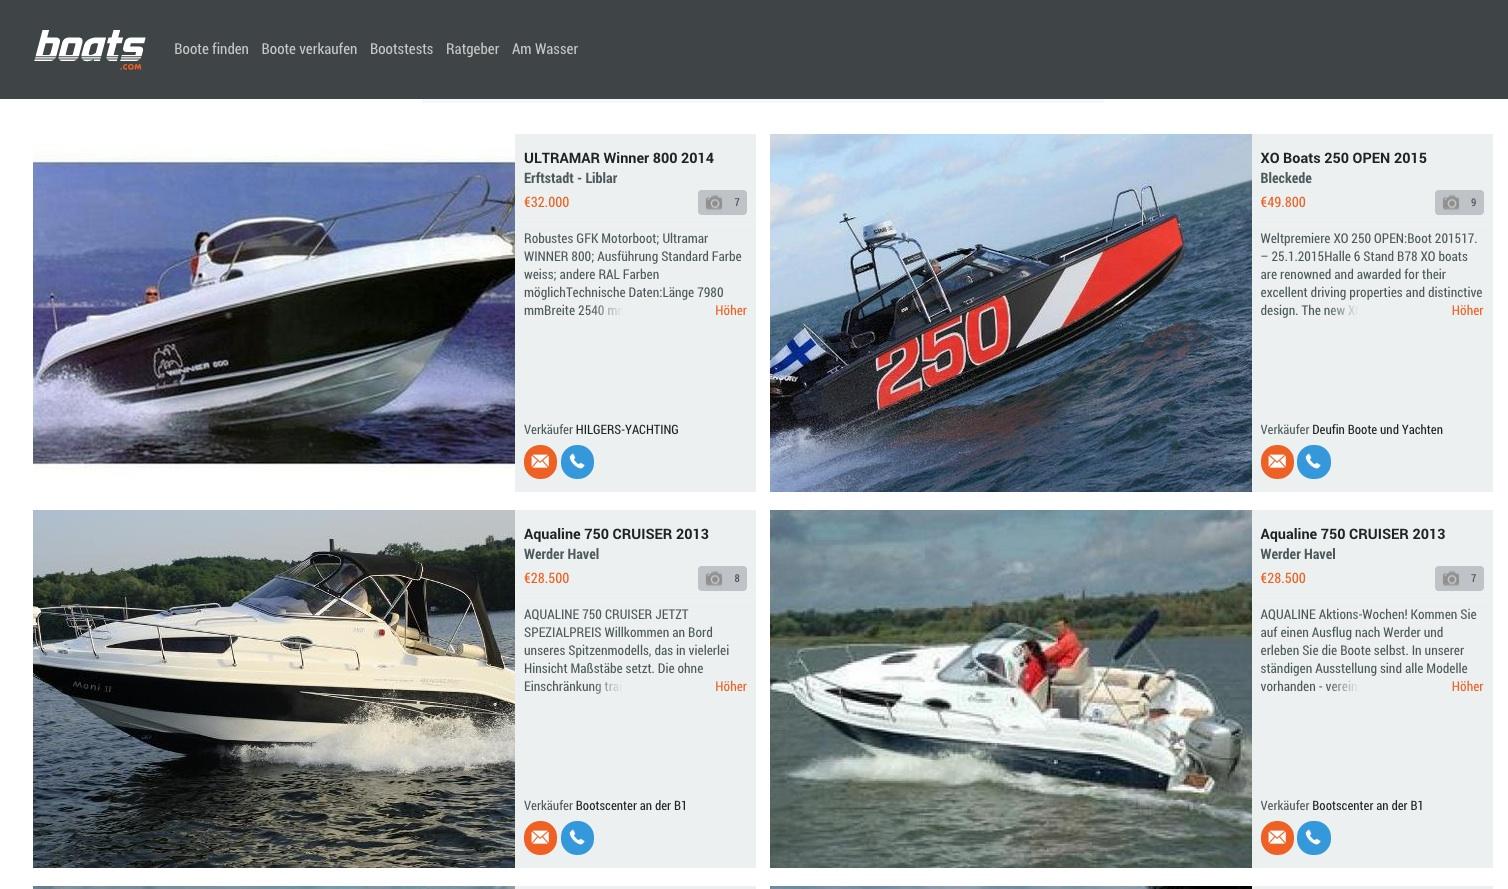 Die Bootssuche online ist schnell und bequem, ersetzt aber nicht die Inspektion und den direkten Kontakt mit dem Verkäufer.